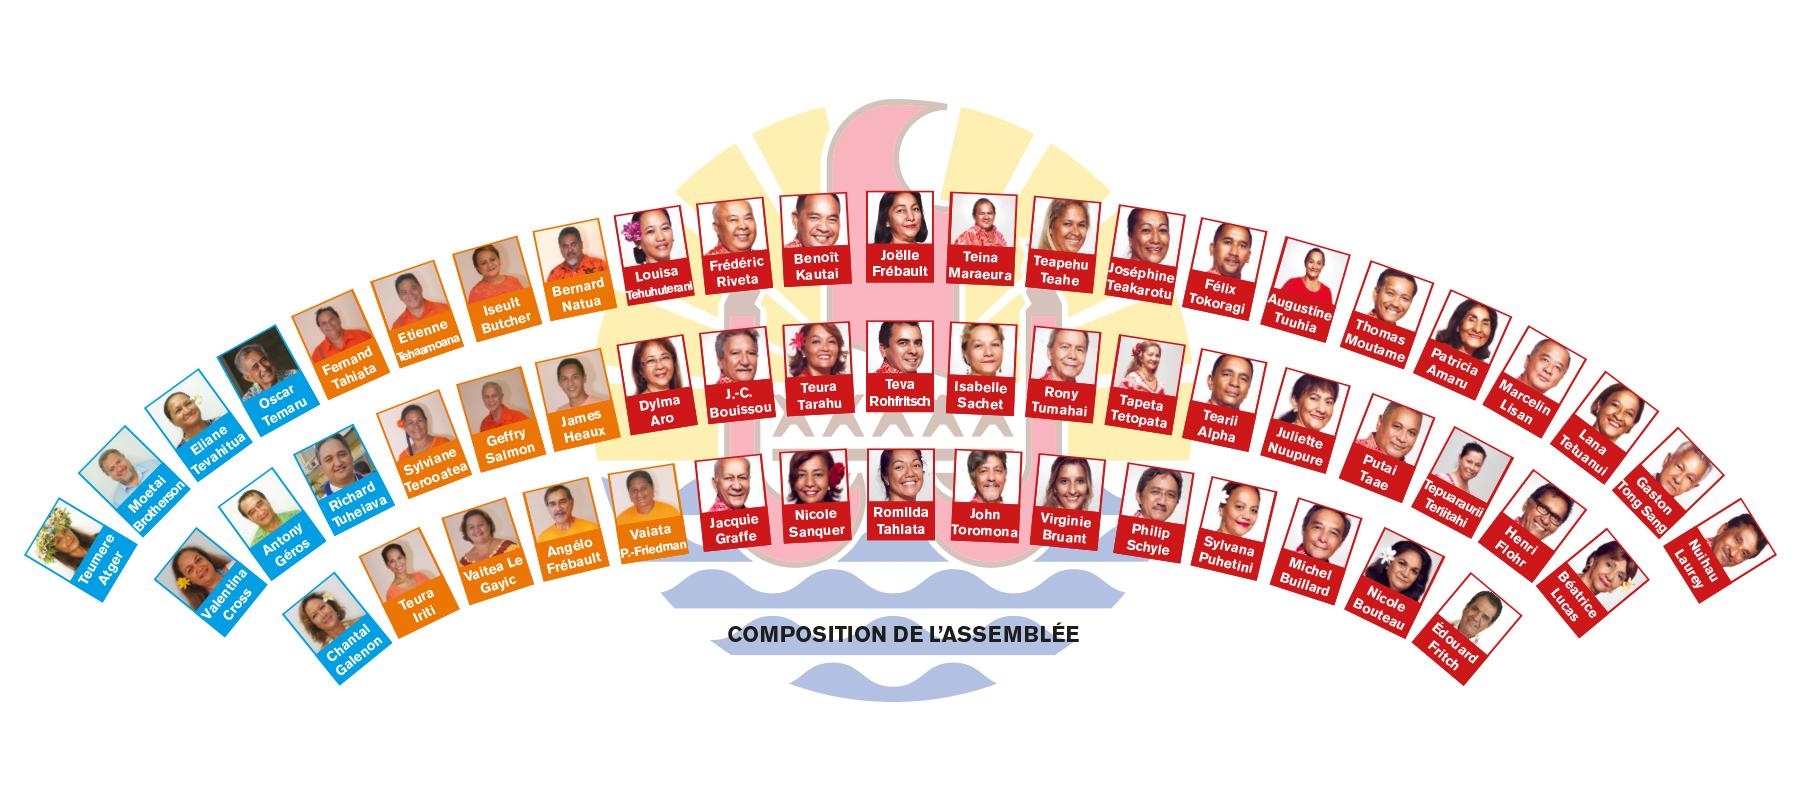 Territoriales 2018 : Le nouveau visage de l'Assemblée